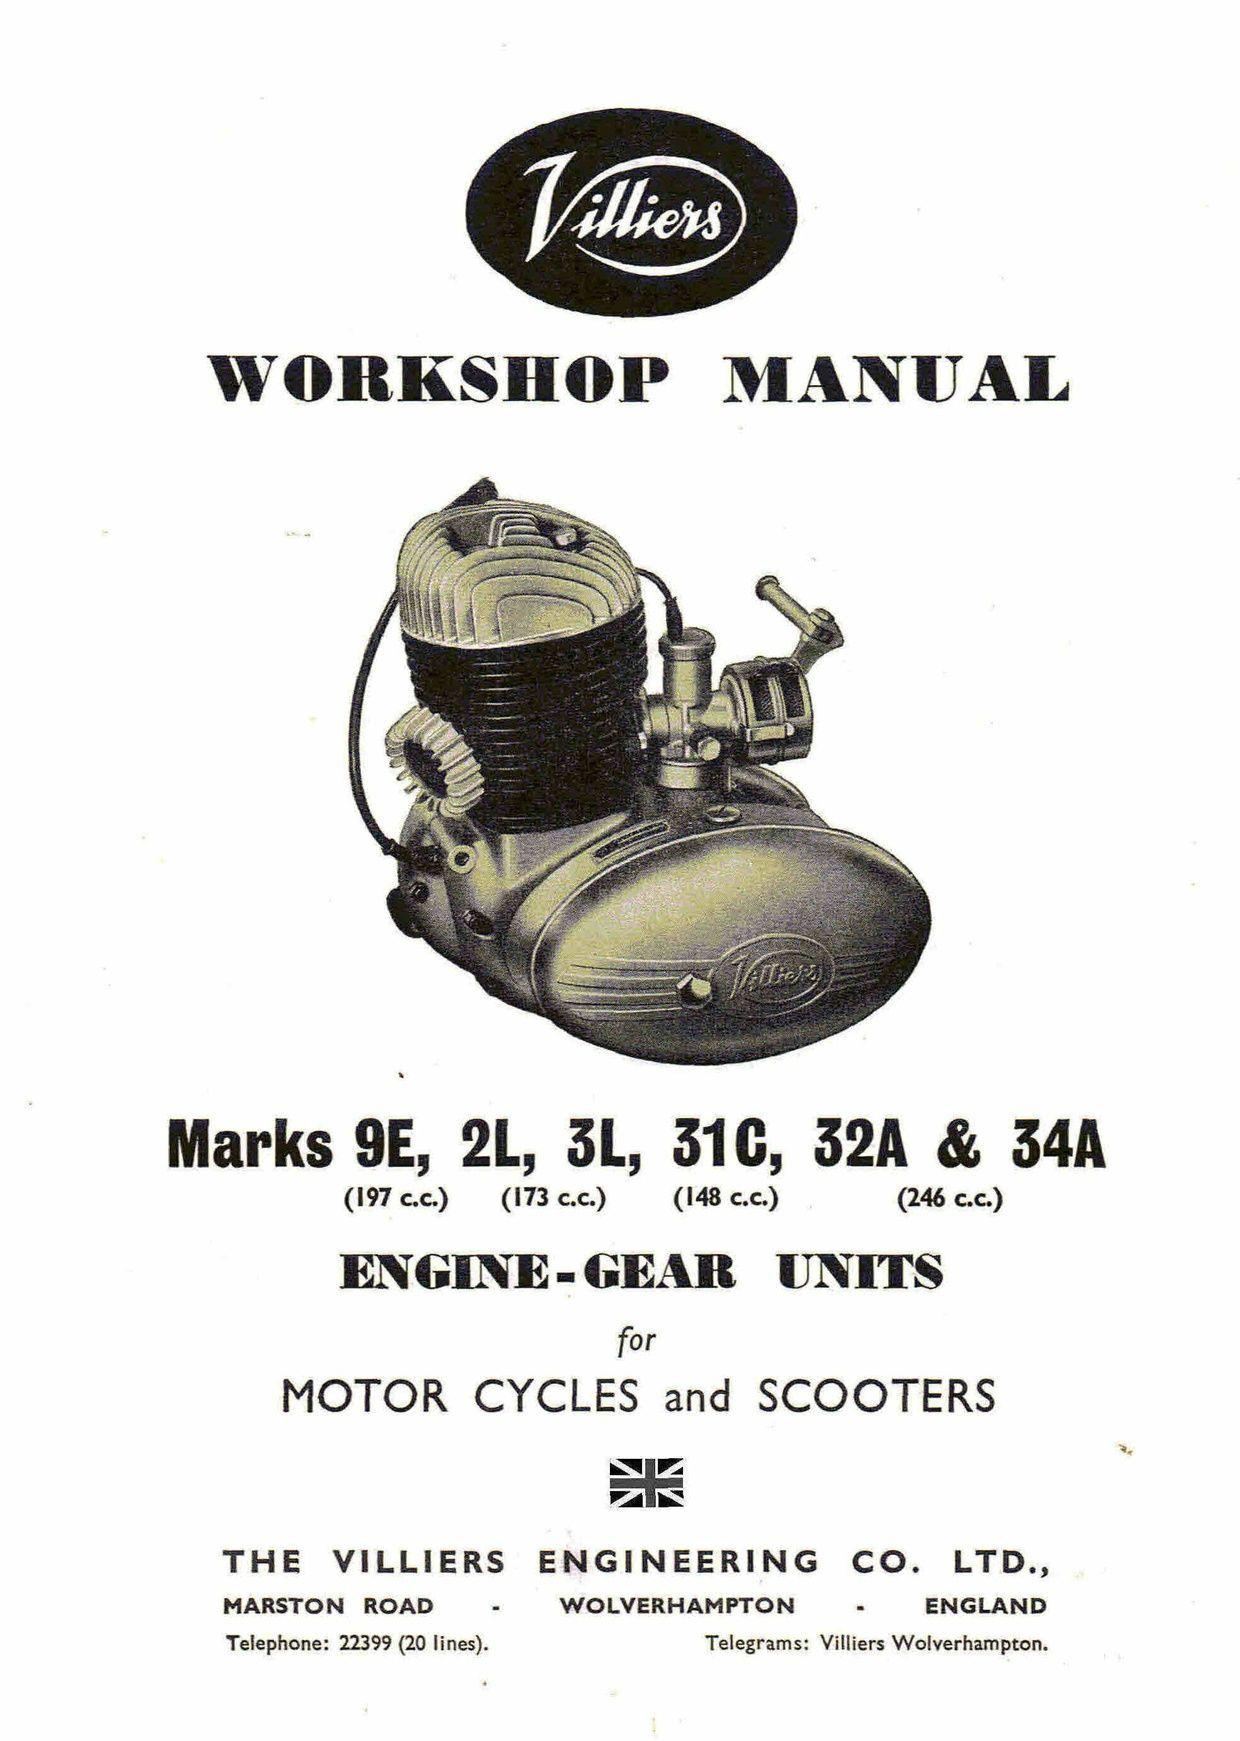 villiers 9e 2l 3l 31c 32a 34a workshop service and repair manual rh pinterest com villiers 98cc engine manual villiers c12 engine manual